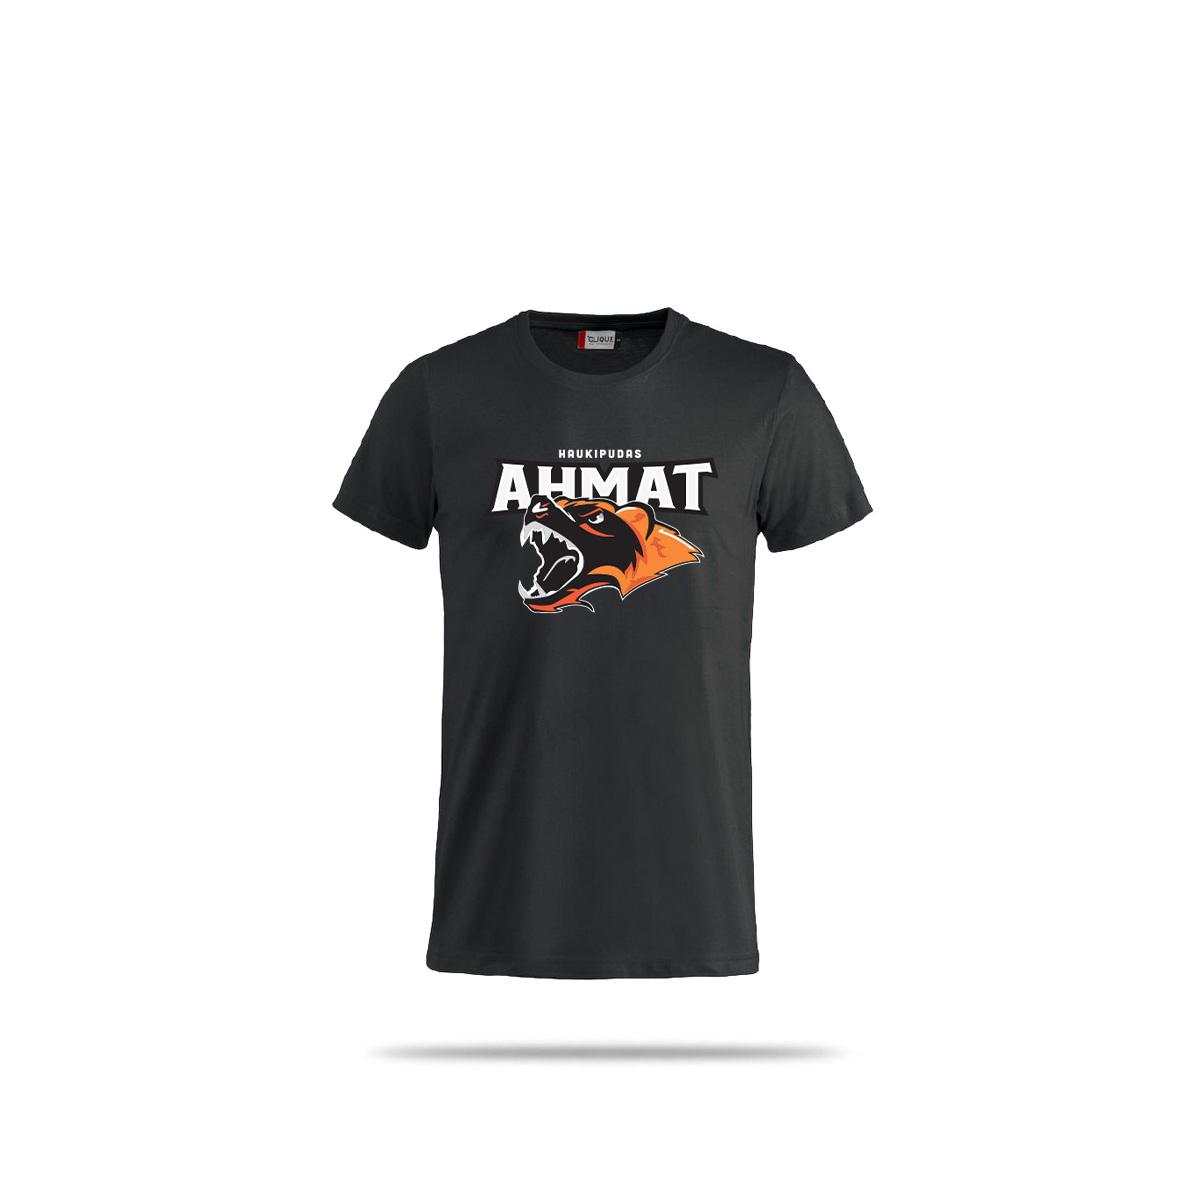 Ahmat-fani-3025-musta-original